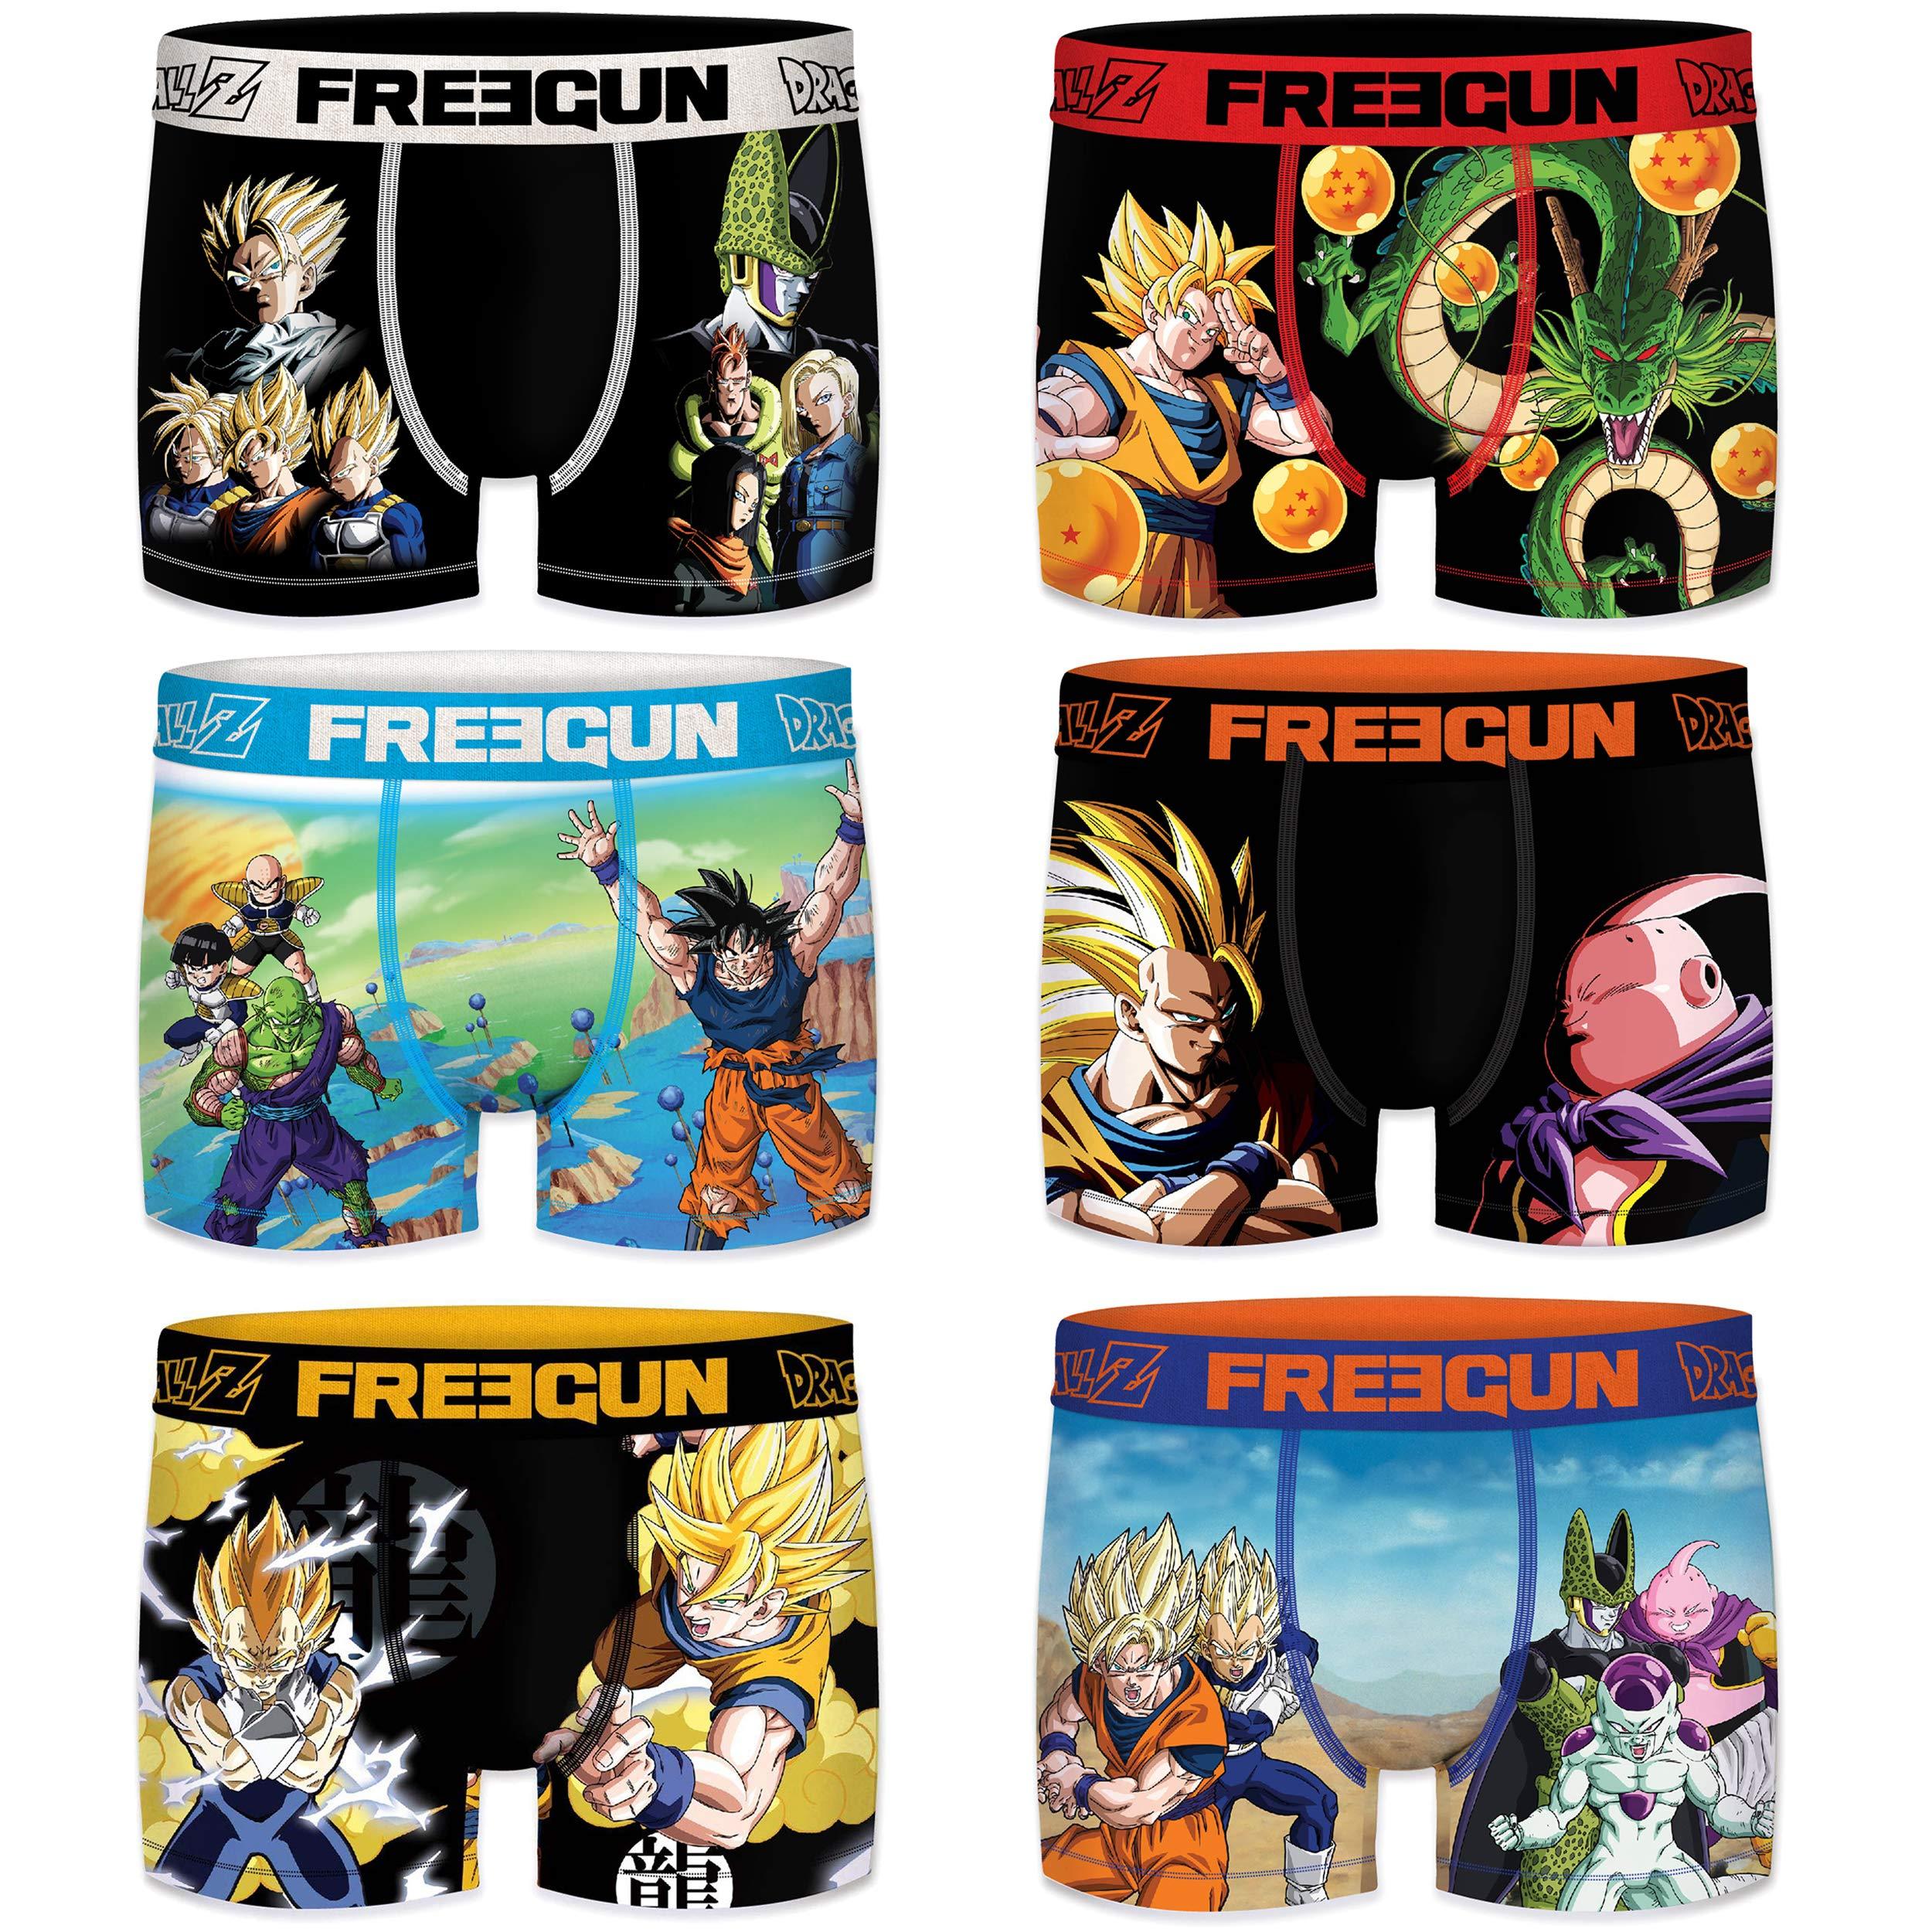 91mlIcggu8L - FREEGUN Boxer unitario Dragon Ball Z para Hombre